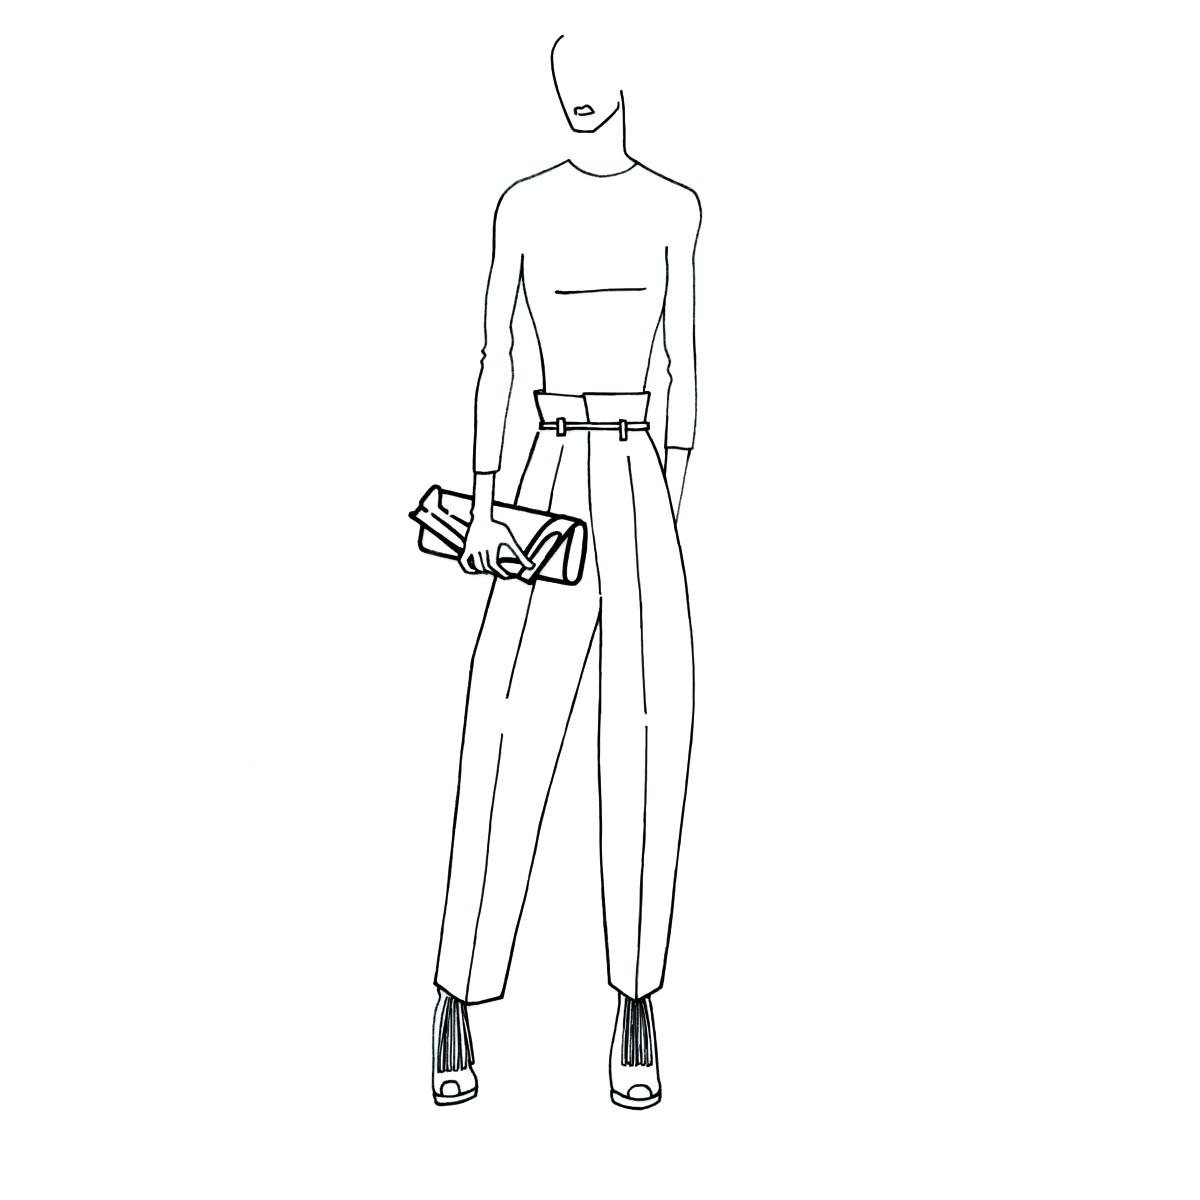 Women Bags - So Kate Clutch - Christian Louboutin